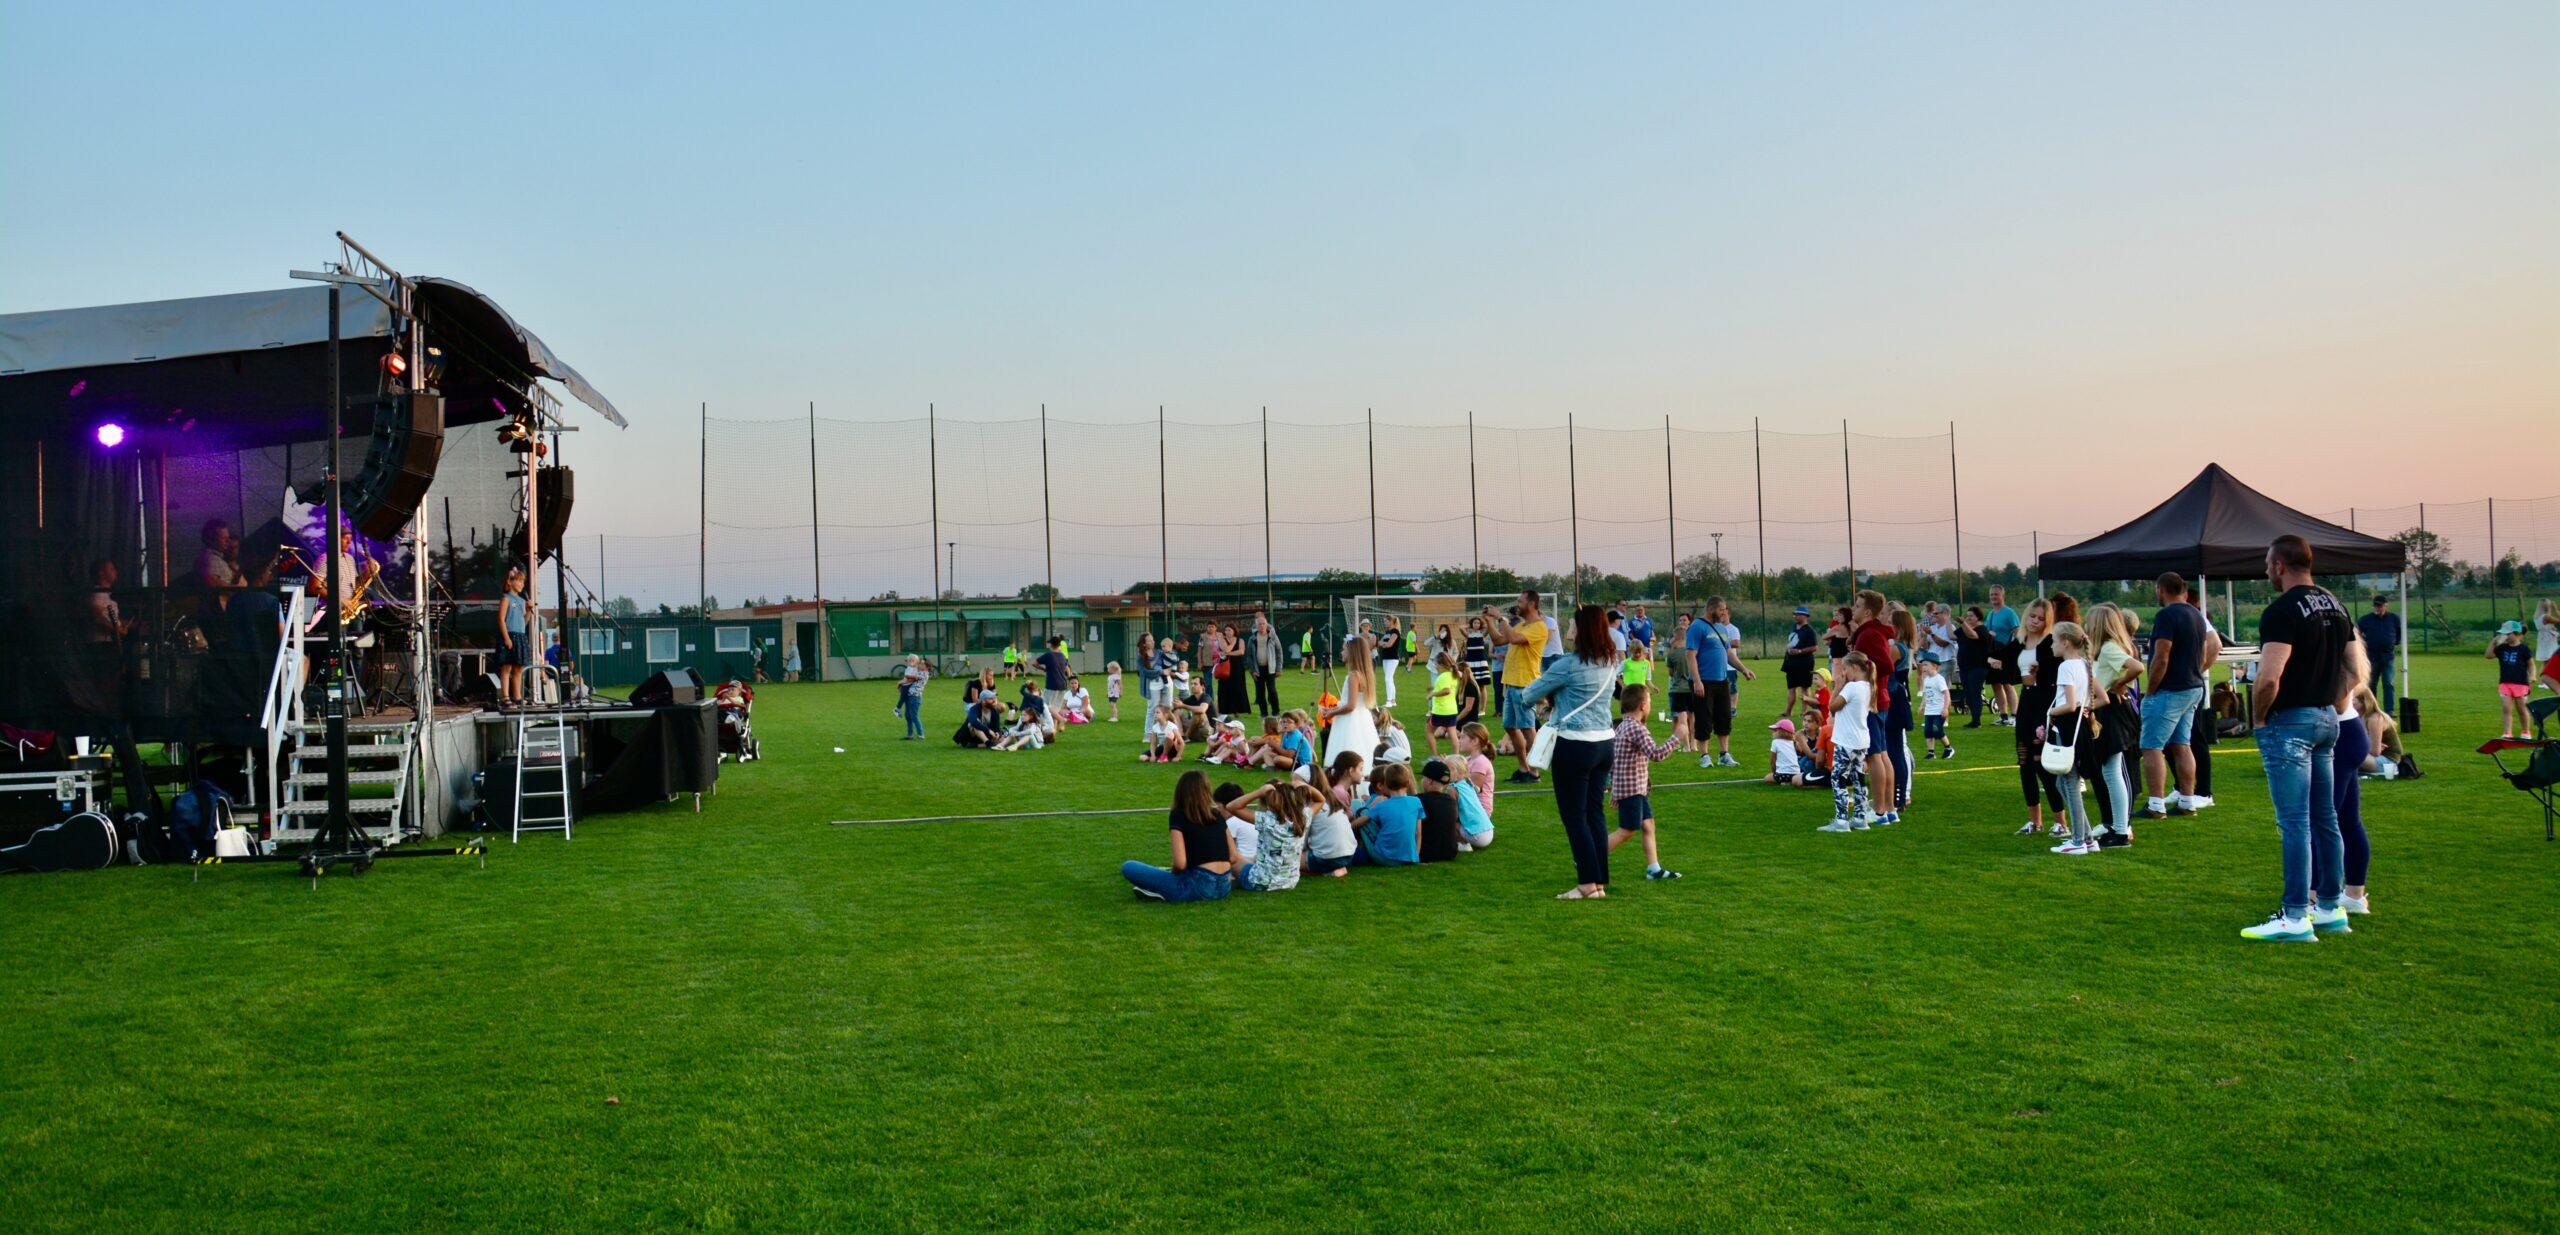 Vystoupení ZUŠ na výroční akci 100 fotbalu v Nehvizdech